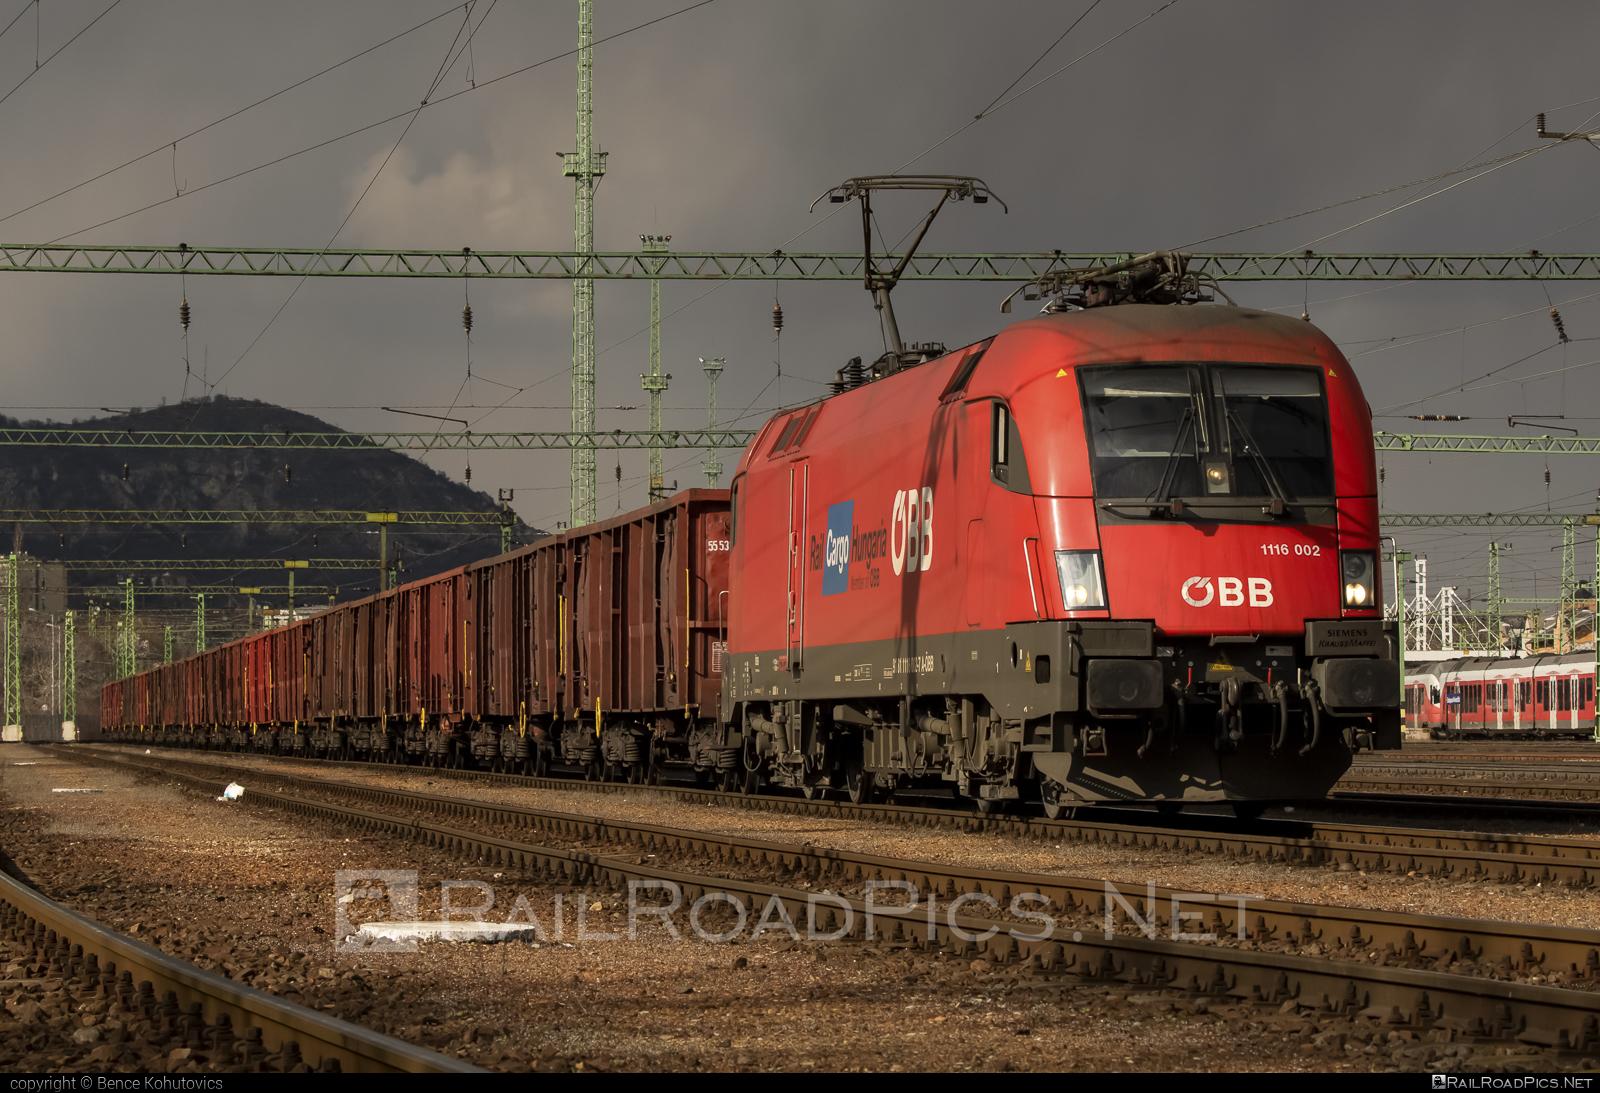 Siemens ES 64 U2 - 1116 002 operated by Rail Cargo Hungaria ZRt. #es64 #es64u #es64u2 #eurosprinter #obb #osterreichischebundesbahnen #rch #siemens #siemenses64 #siemenses64u #siemenses64u2 #siemenstaurus #taurus #tauruslocomotive